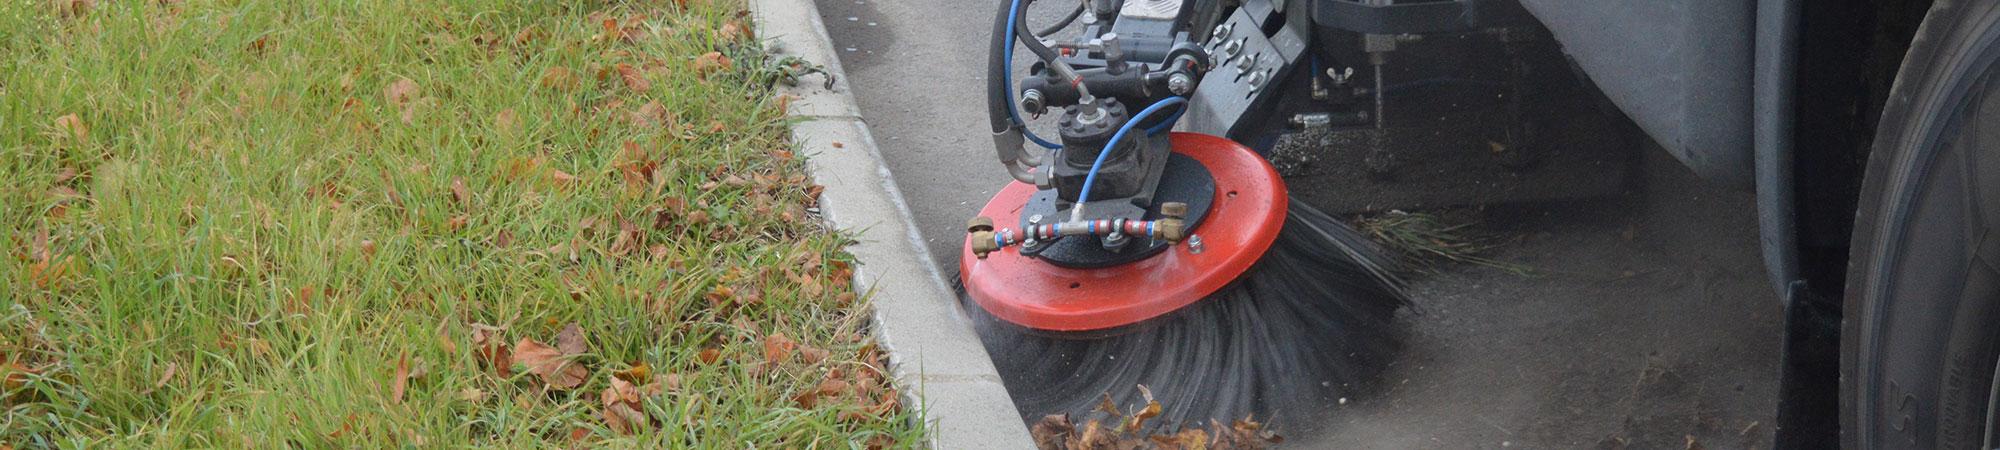 Balayage de voiries BTP ainsi que le nettoyage haute pression